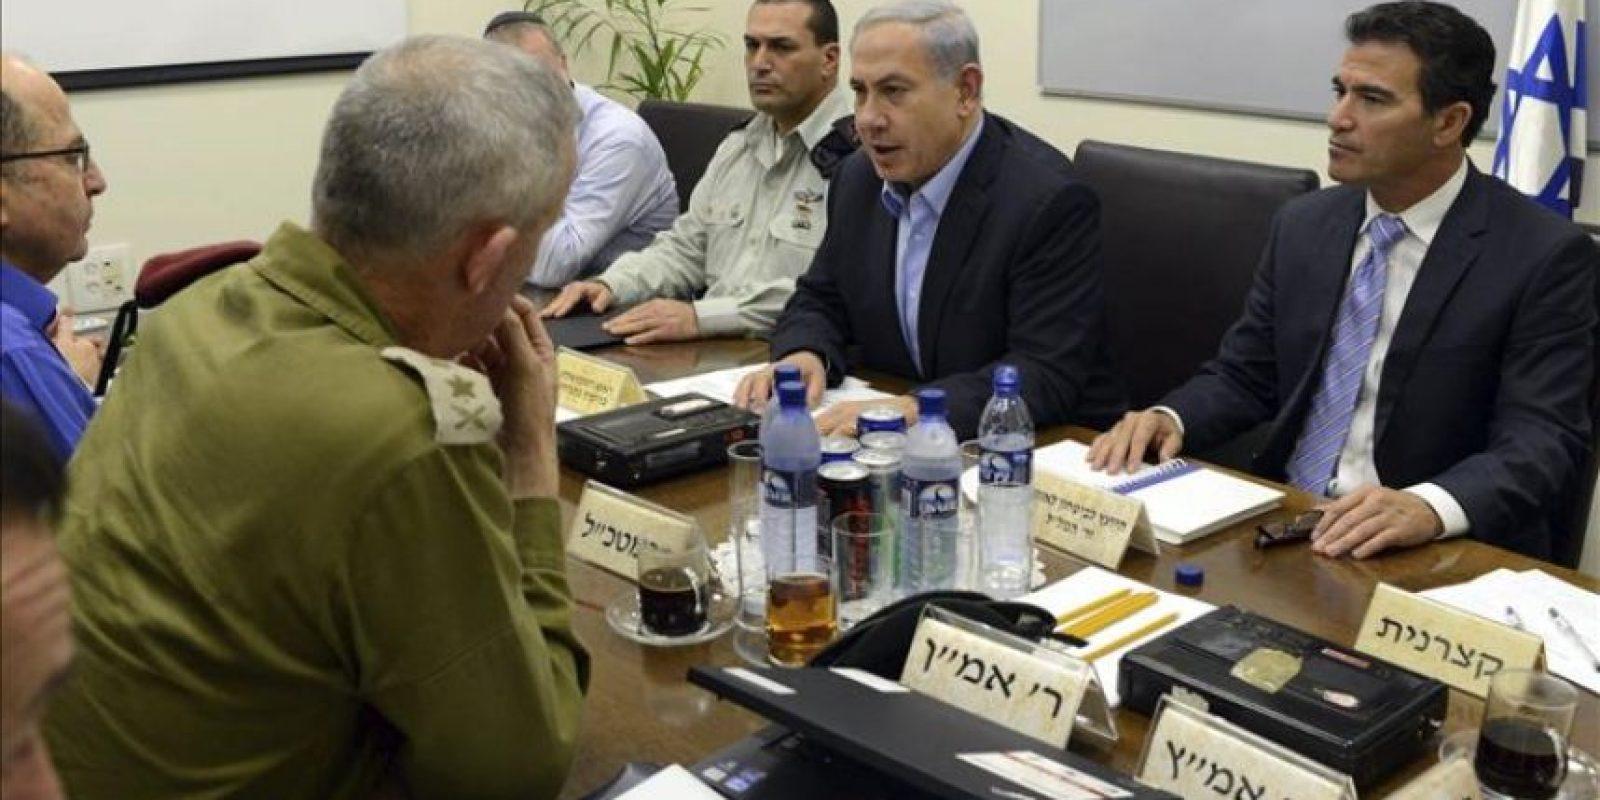 Fotografía facilitada por la oficina de prensa del primer ministro israelí, Benjamín Netanyahu, que muestra a Netanyahu (2d) durante una reunión de seguridad con altos mandos militares en Tel Aviv, Israel, hoy, miércoles 28 de enero de 2015. EFE